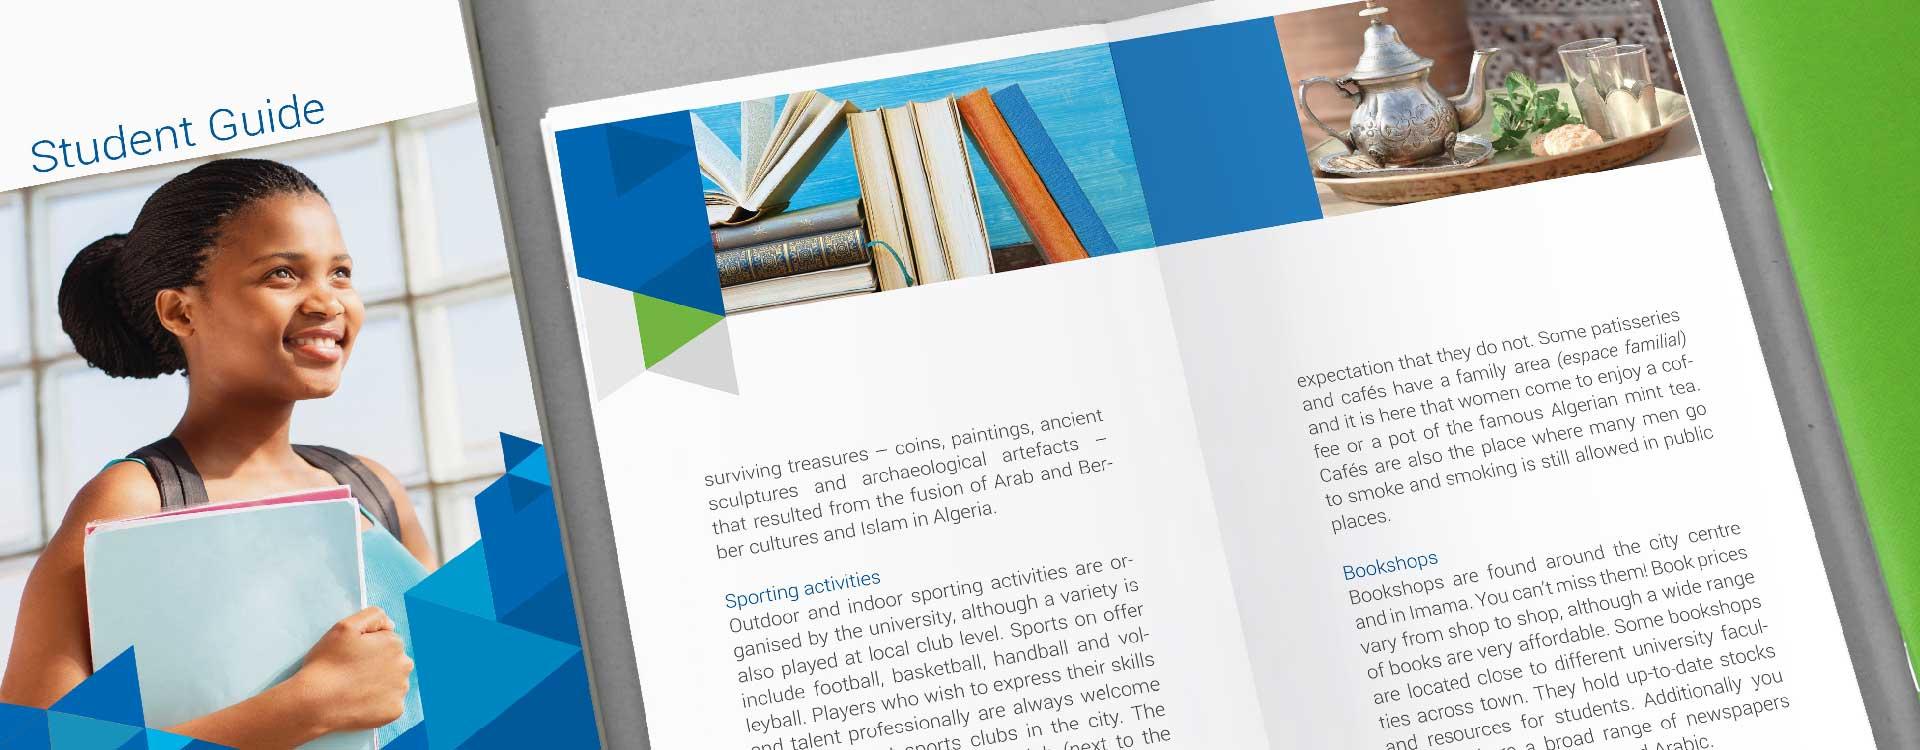 Titelseite und Innenseite vom Student Guide der Pan African University, Institute of Water and Energy Sciences PAUWES; Design: Kattrin Richter | Büro für Grafikdesign